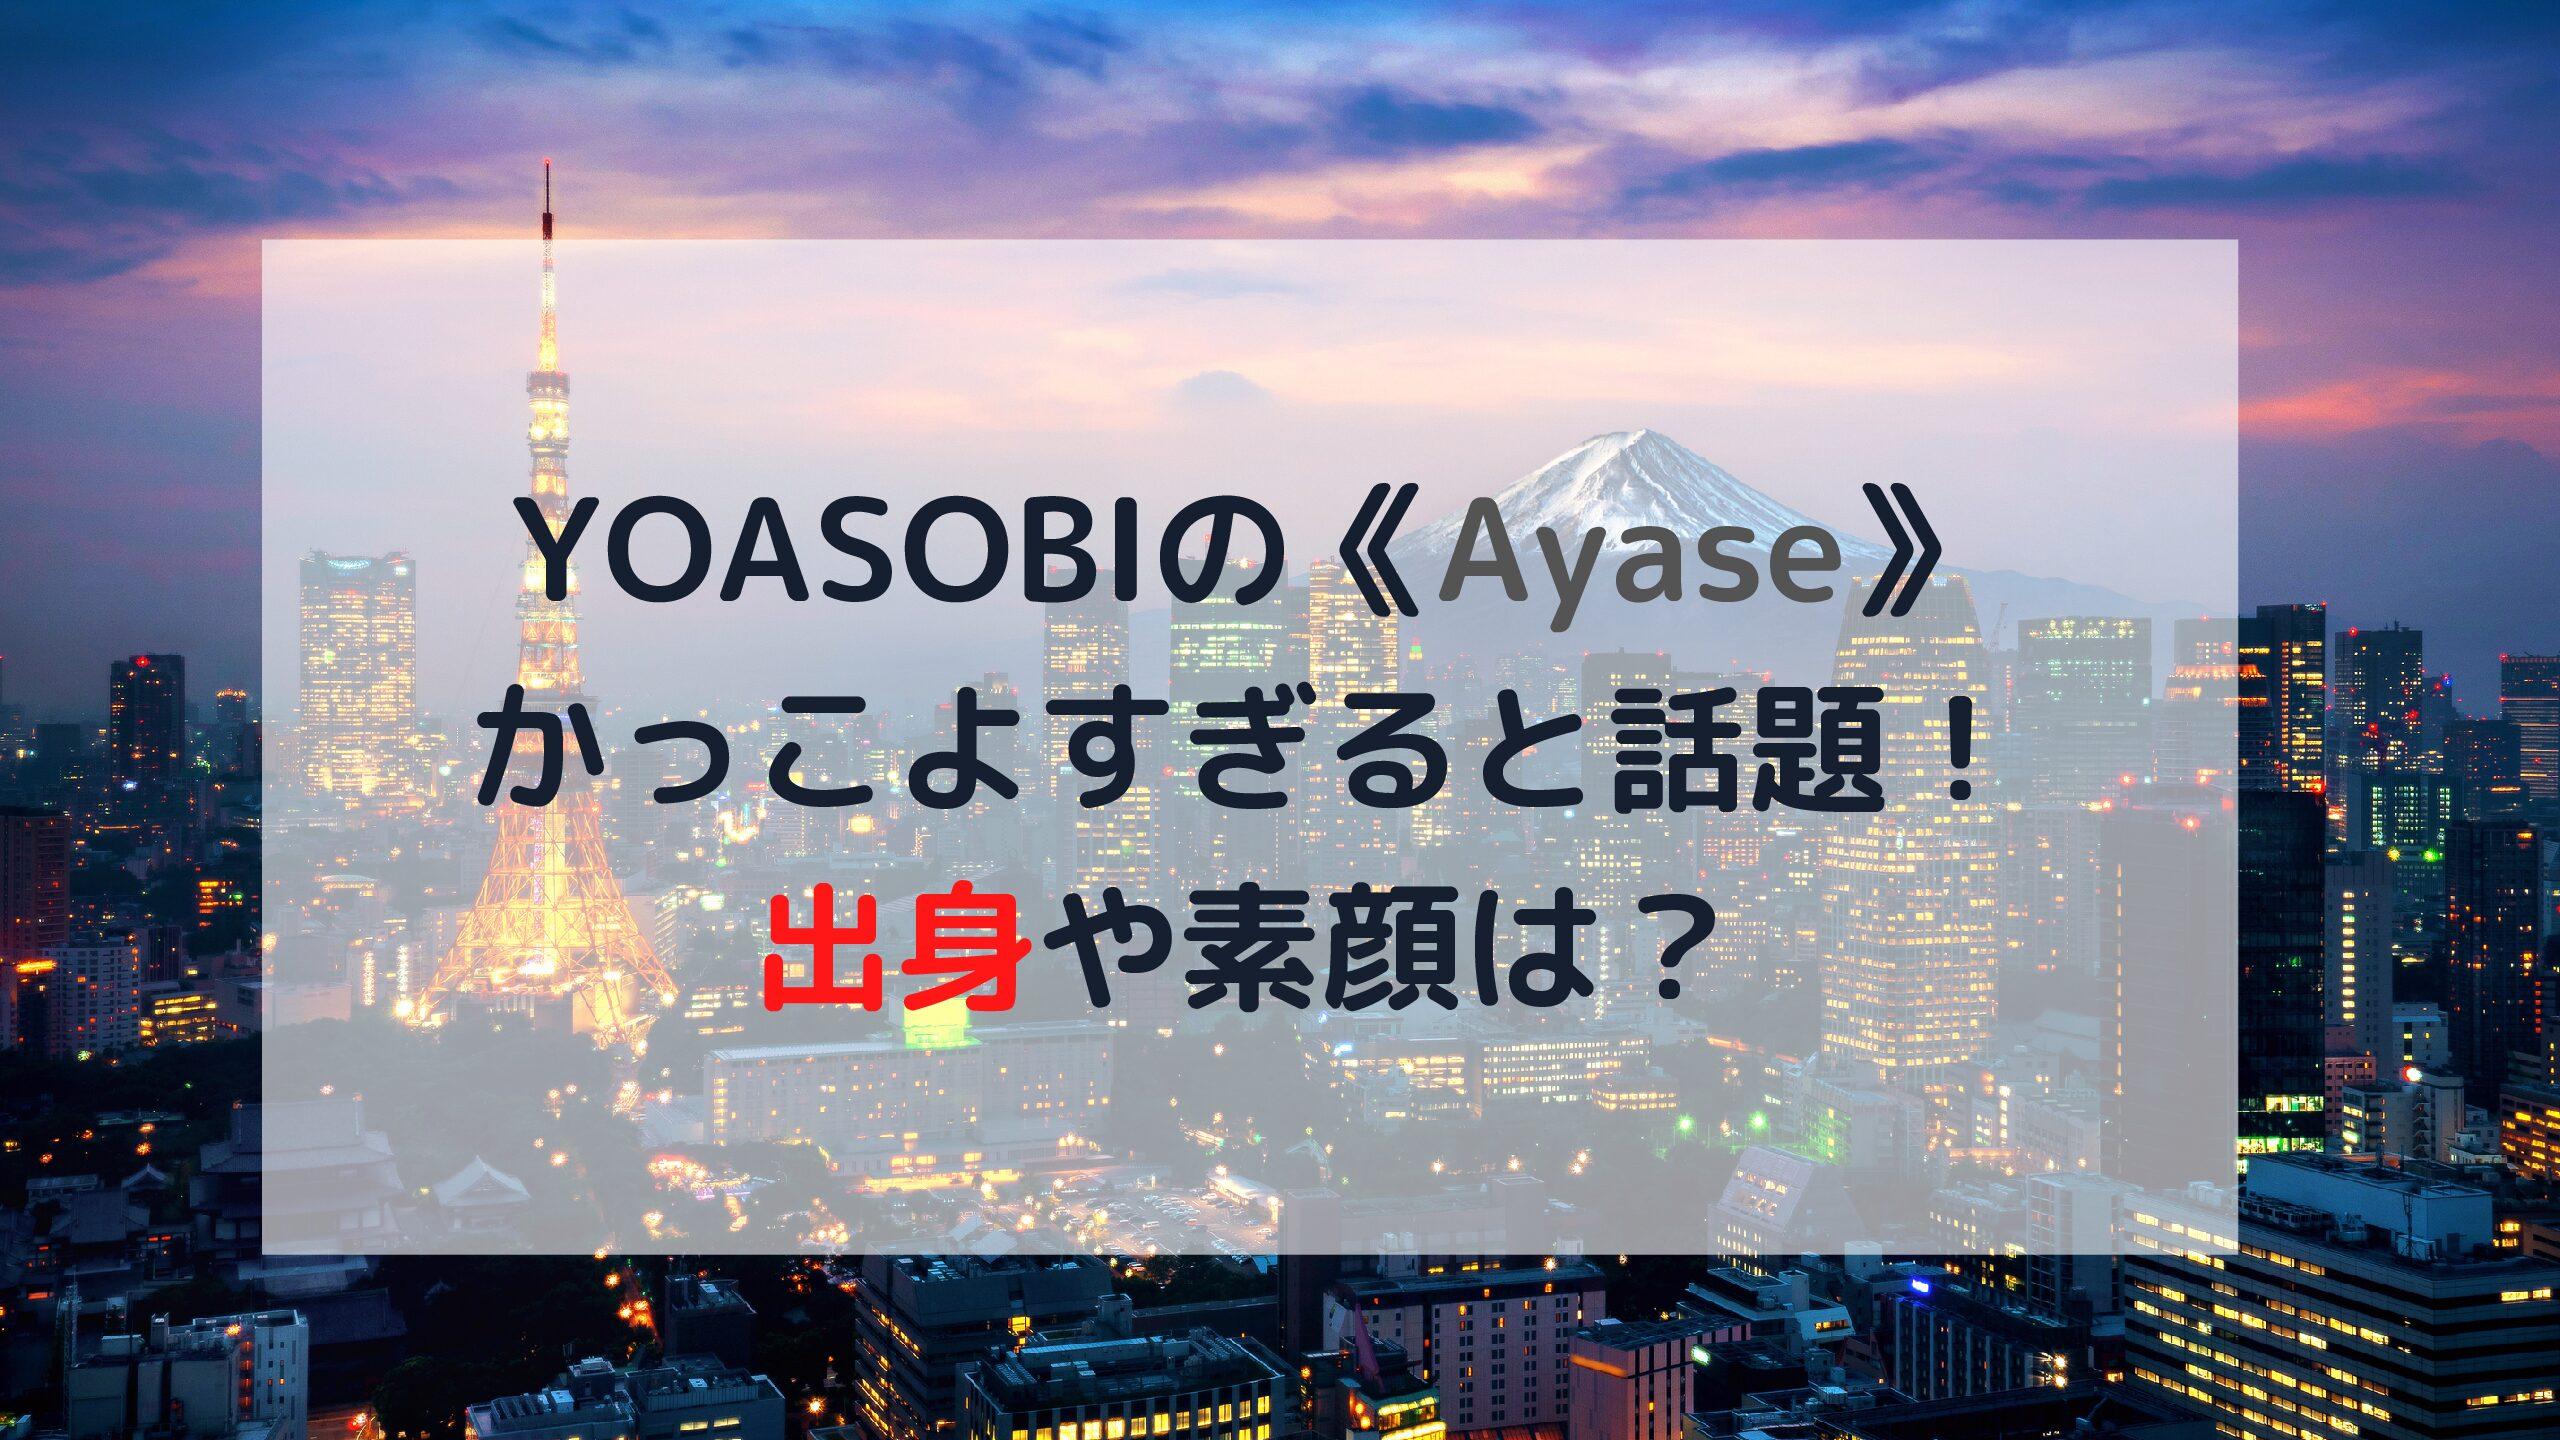 YOASOBIの《Ayase》かっこよすぎると話題!出身や素顔は?